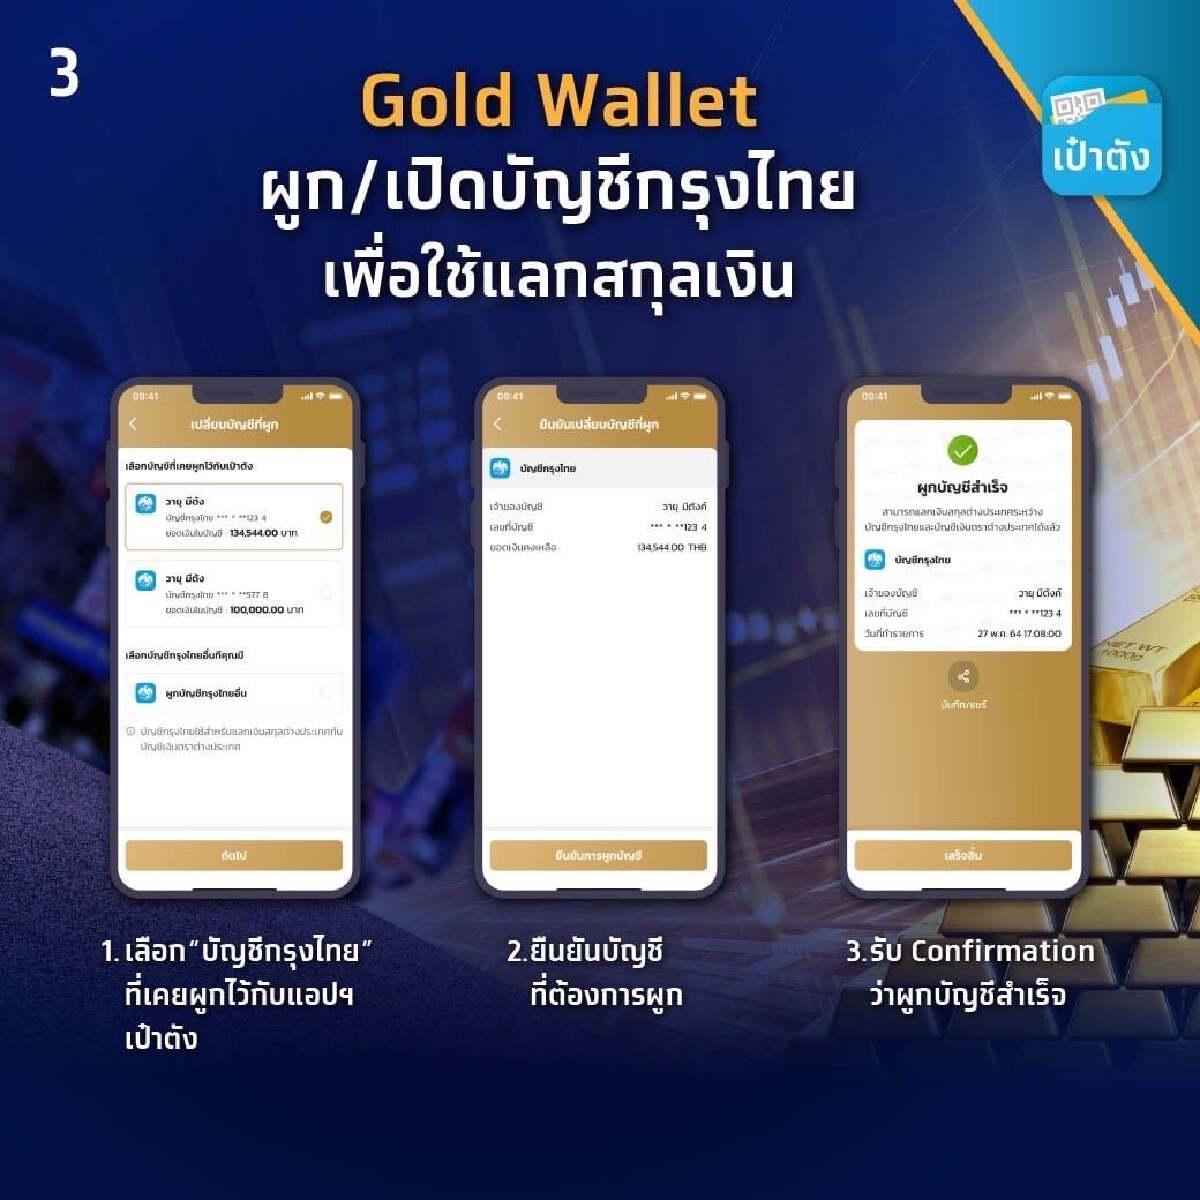 """ซื้อขาย """"ทองคำ"""" ออนไลน์ เปิดวิธีติดตั้ง - ลงทะเบียน gold wallet ผ่านแอปเป๋าตัง"""